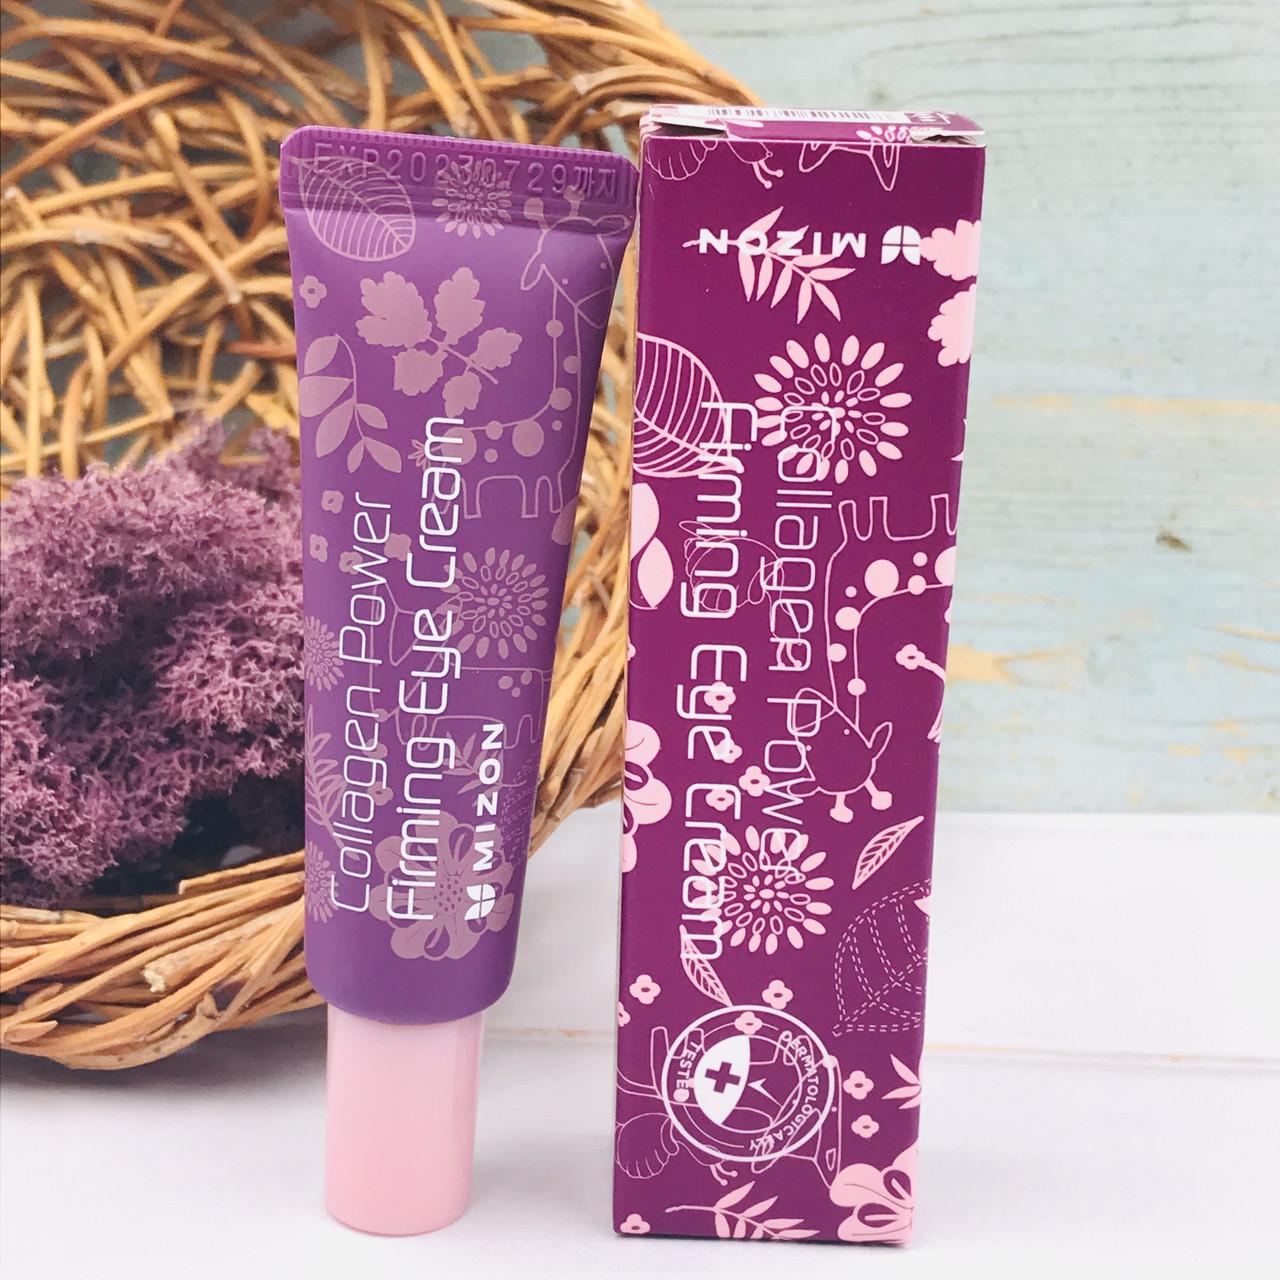 Многофункциональный крем Mizon для области вокруг глаз Mizon Collagen Power Firming Eye Cream